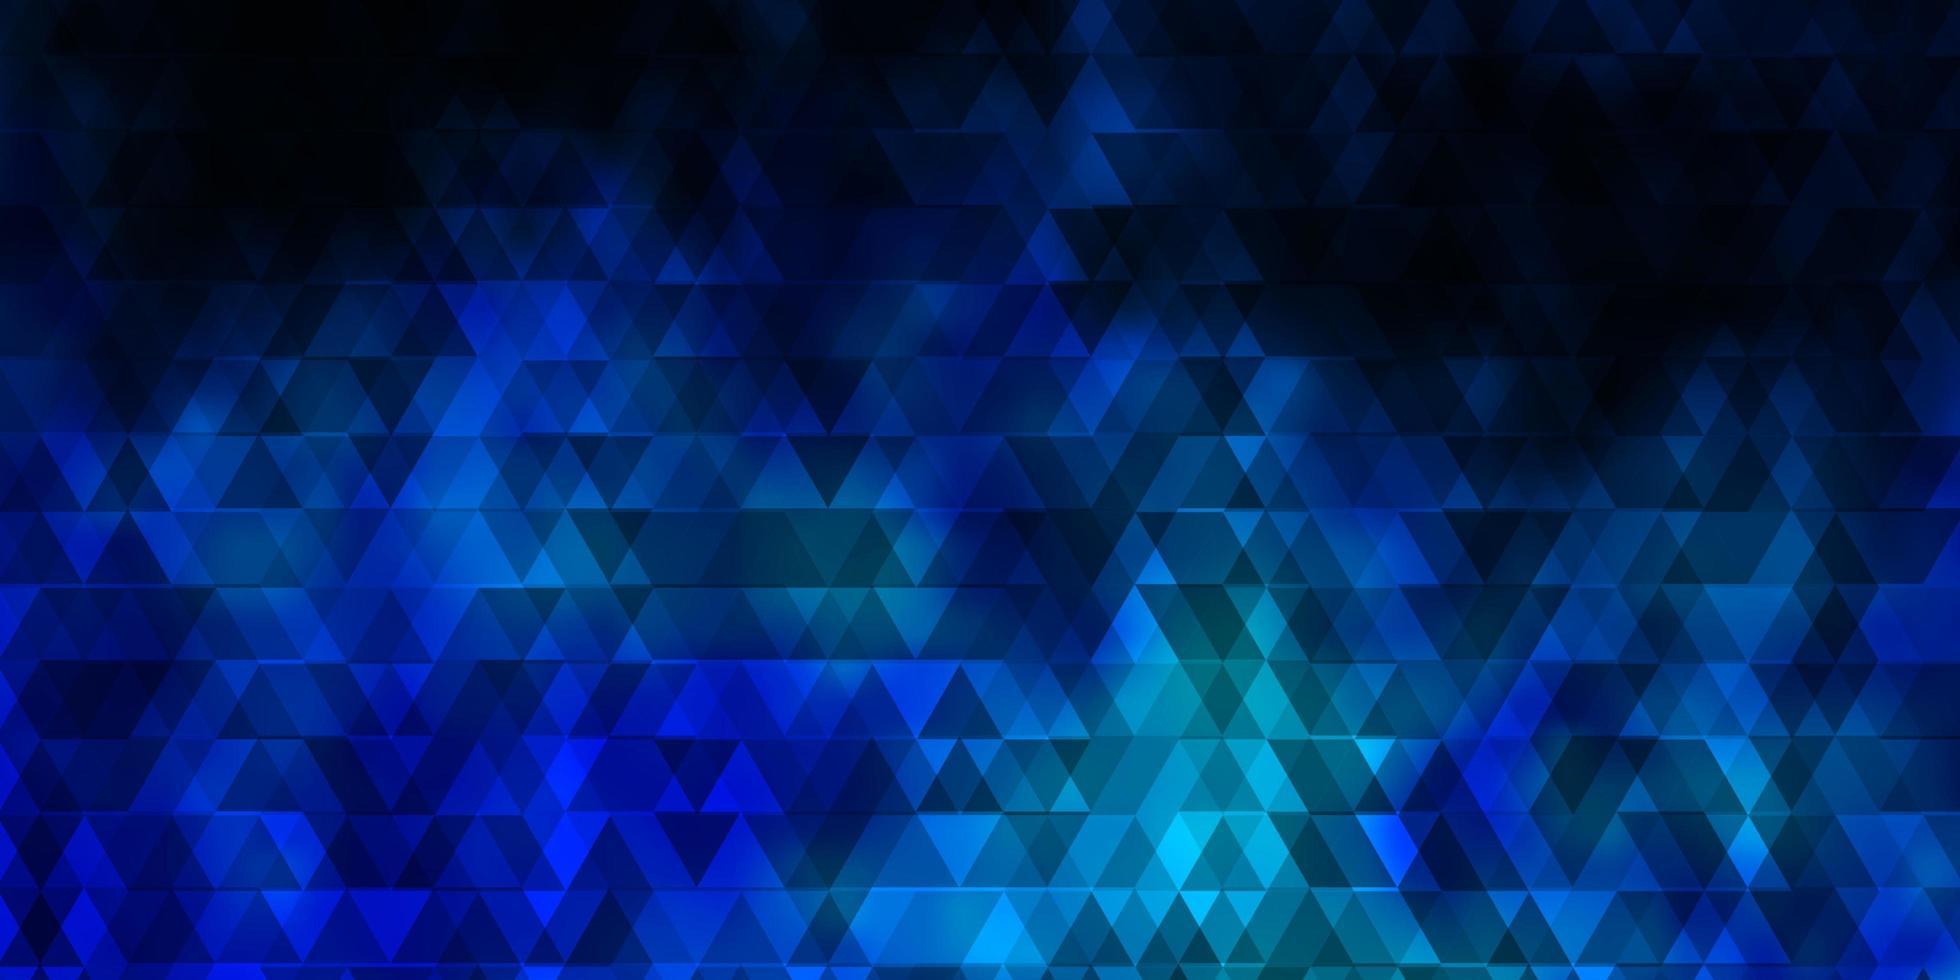 padrão de vetor azul claro com linhas, triângulos.